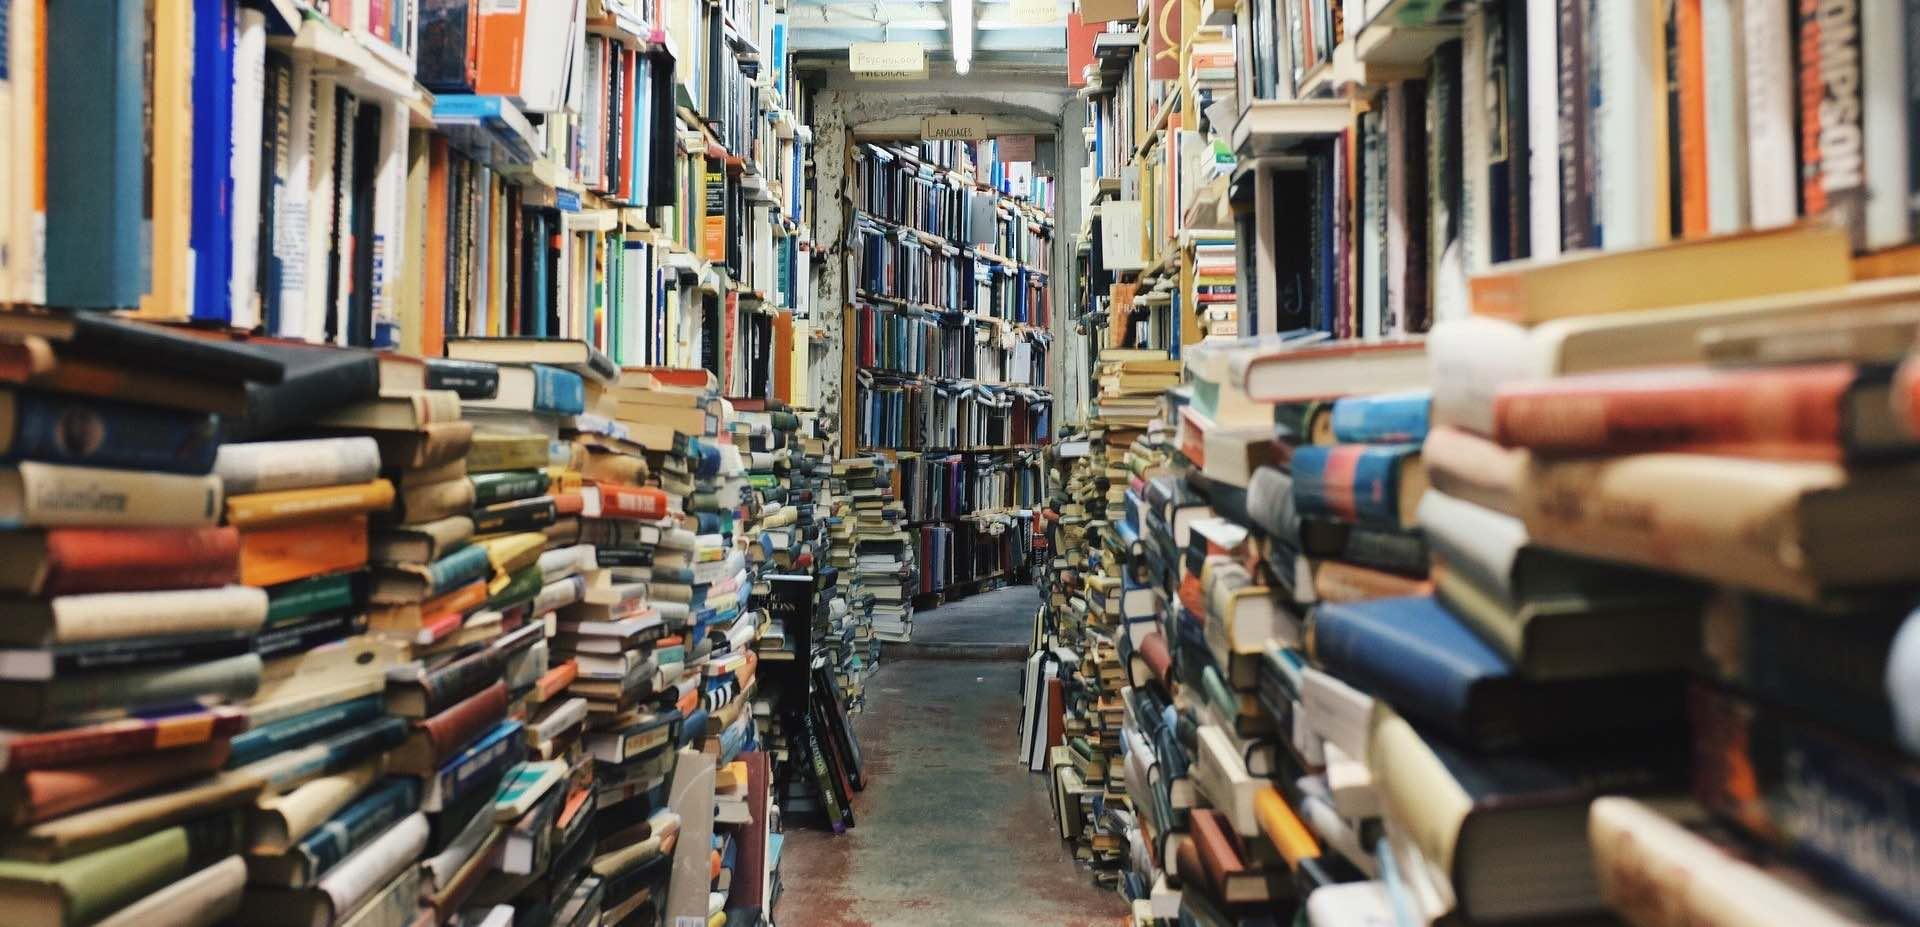 Catasta di libri in biblioteca: infermiera, psicoterapeuta e informatico